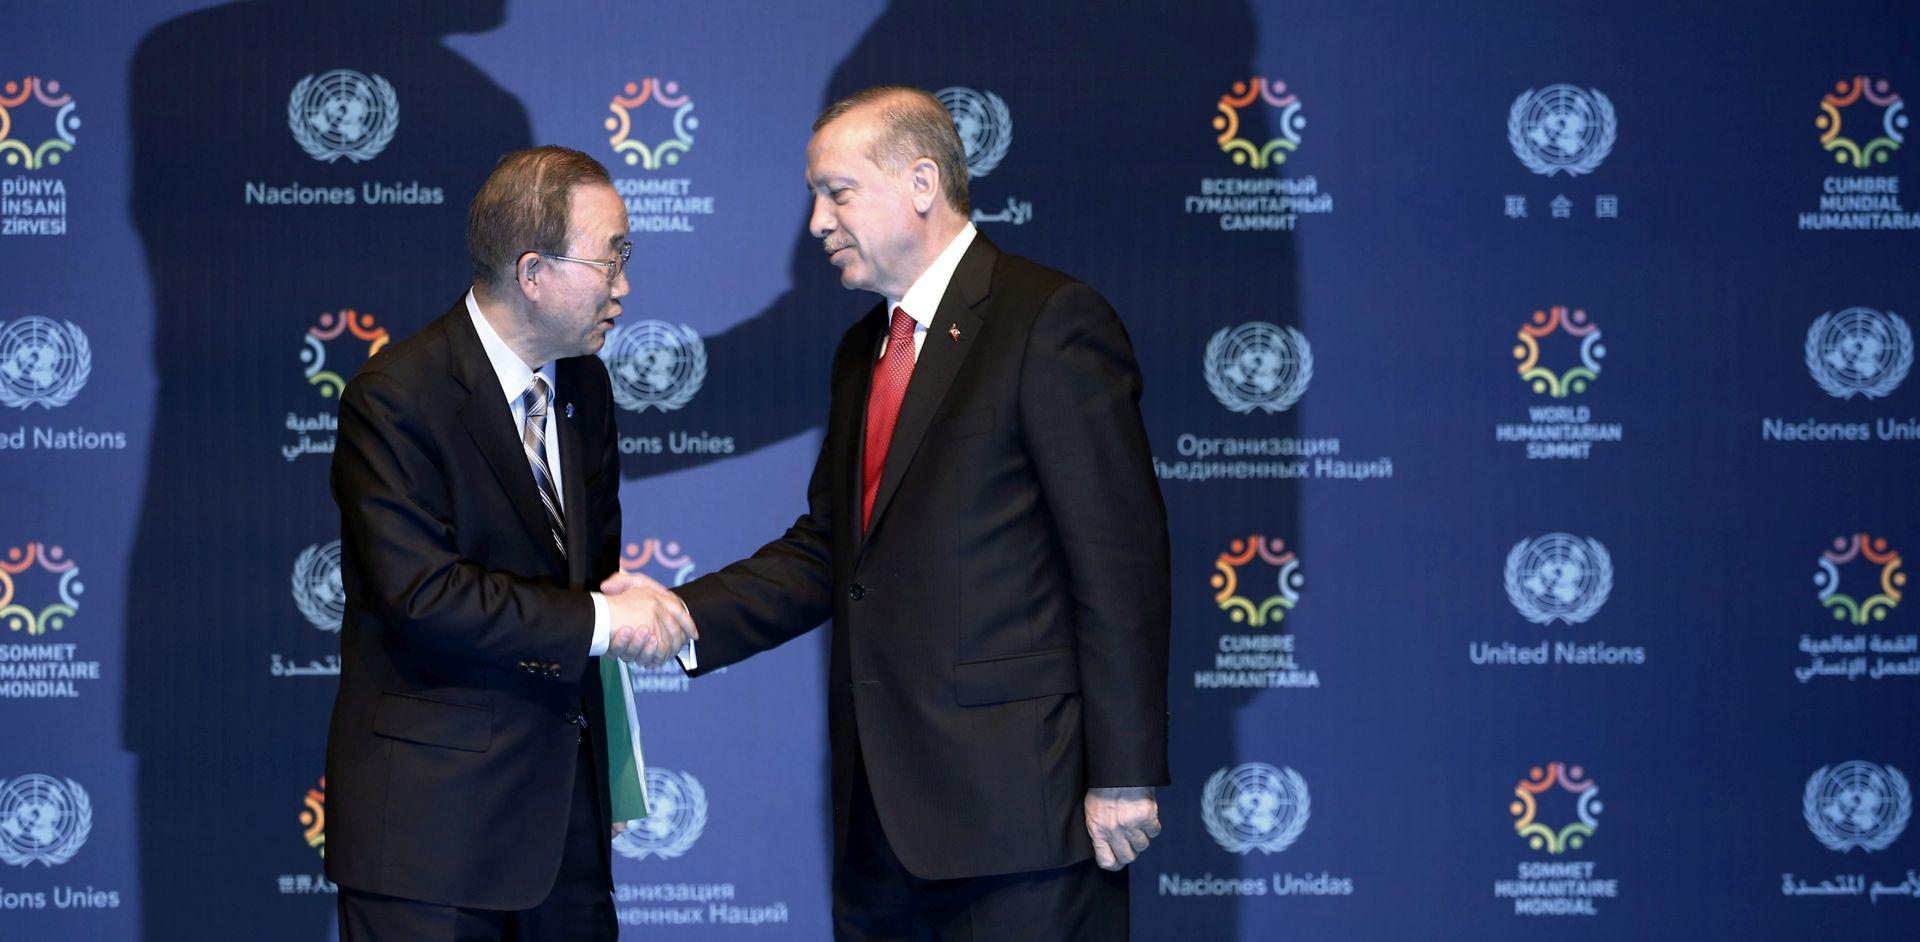 Humanitarni summit pokazao spremnost za podjelu odgovornosti oko izbjegličke krize